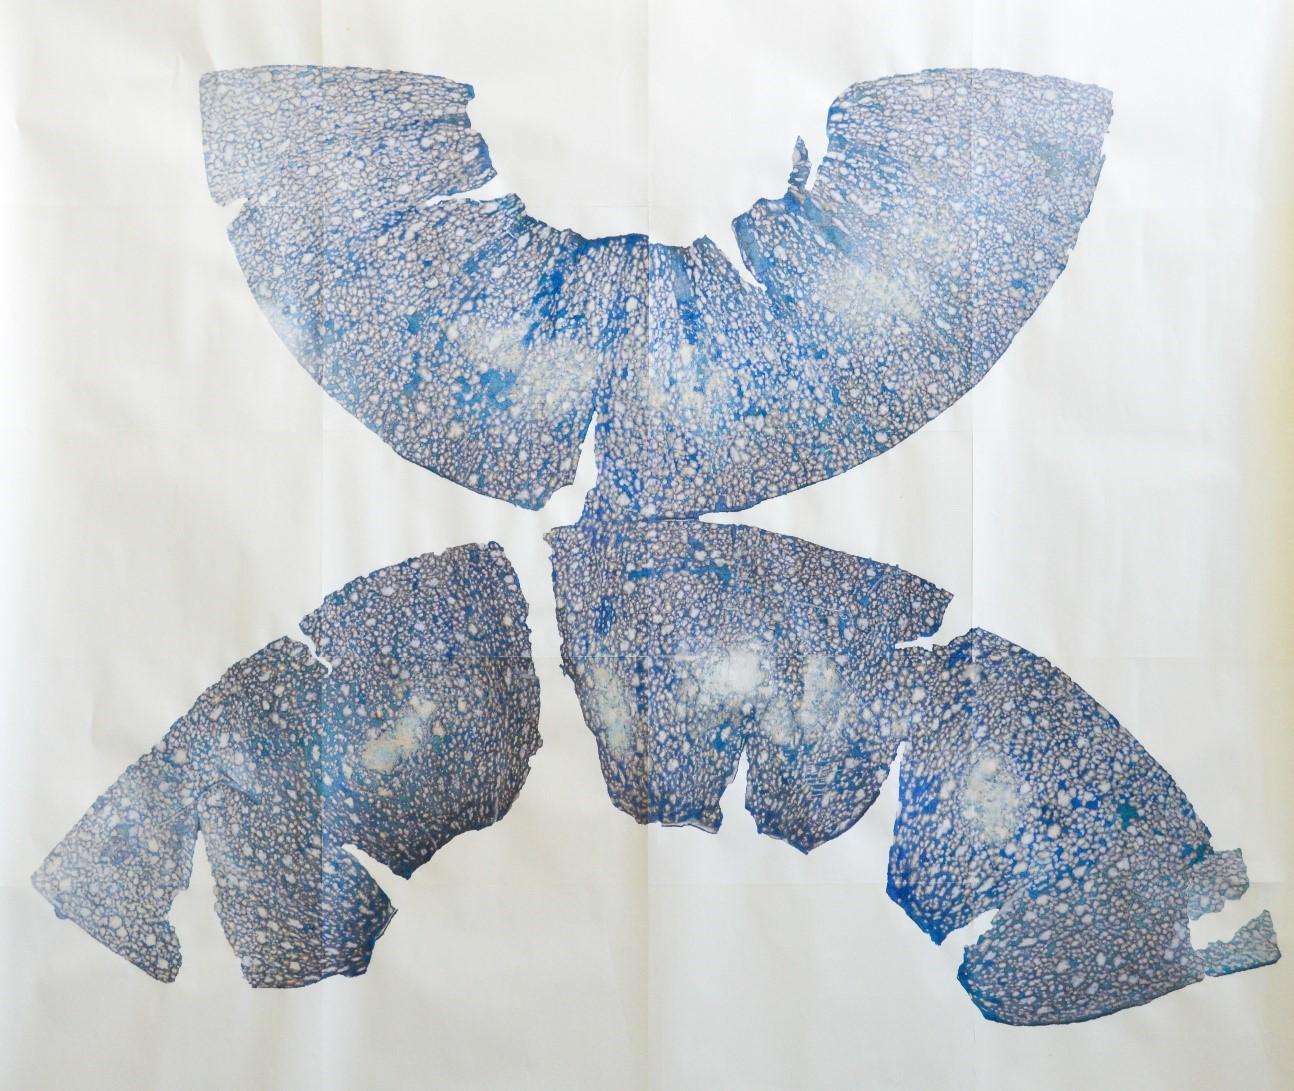 Rika Tanaka, Les Mundis - Cucurbita, eau, encre, impression jet d'encre sur papier, 205 x 120cm, 2017.